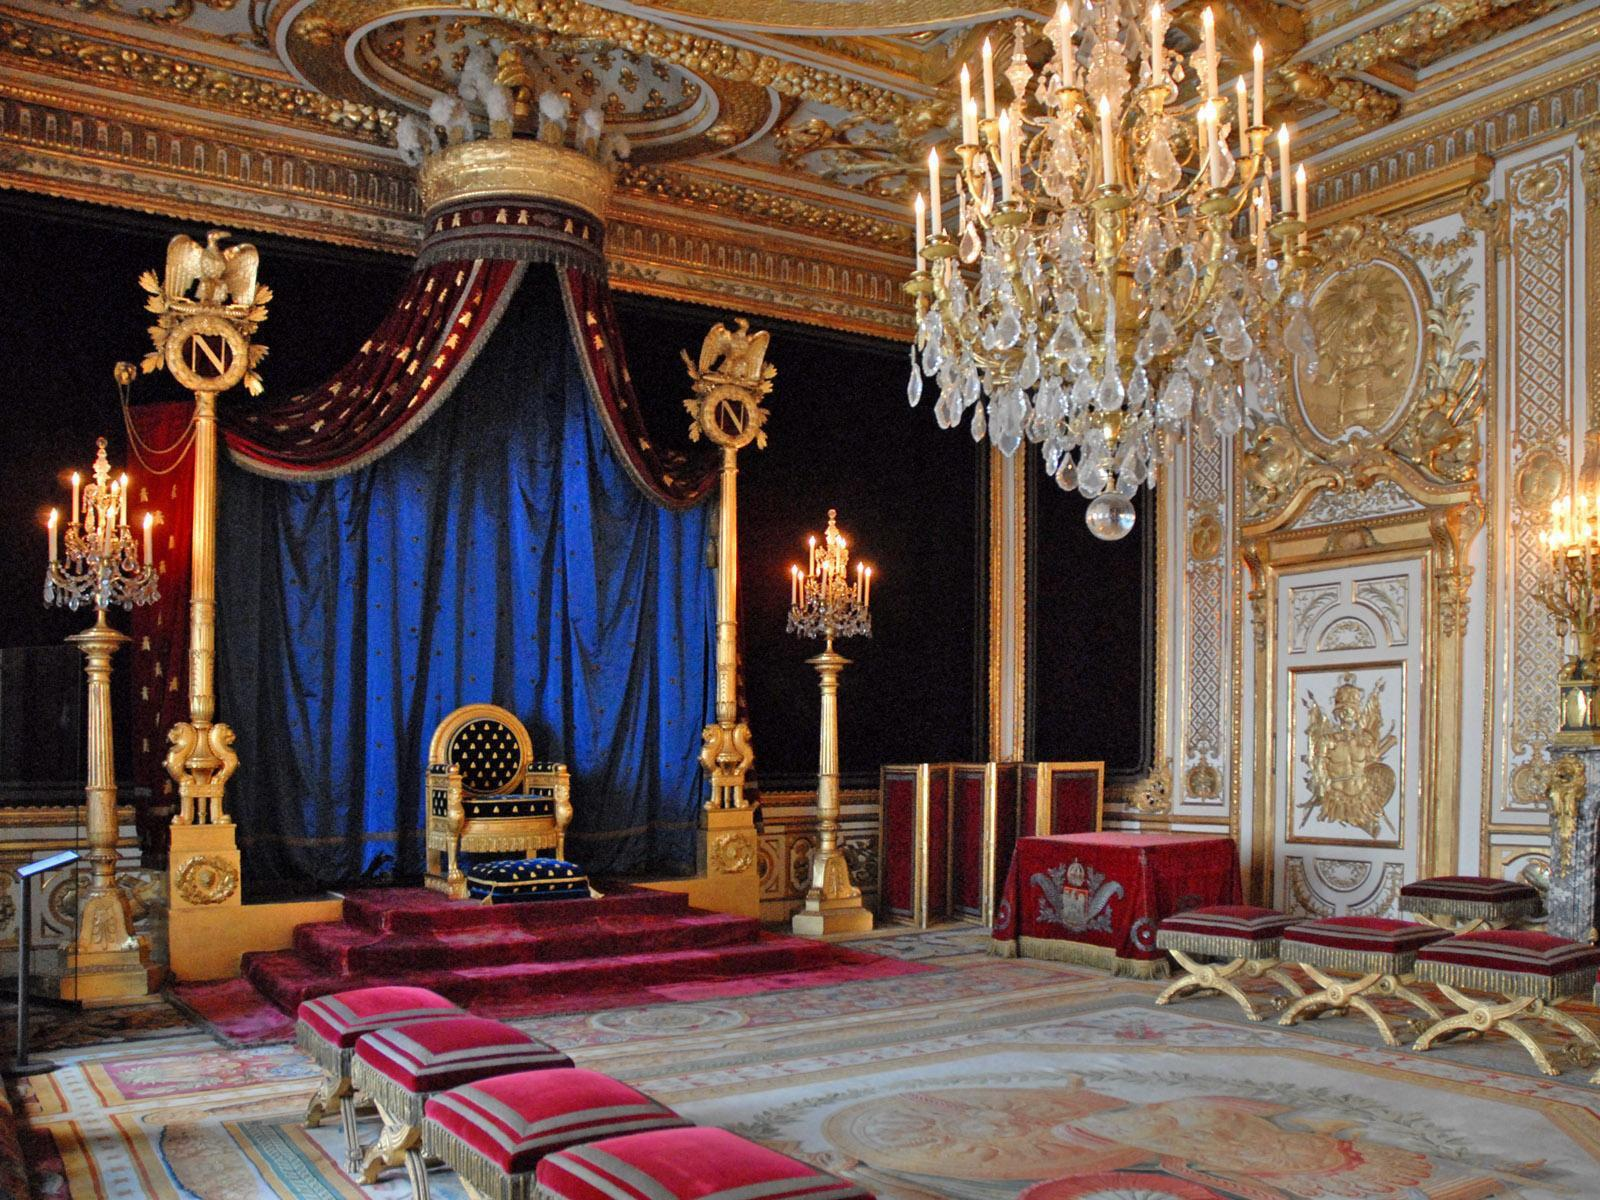 Grands Appartements-Palais de Fontainebleau (4)